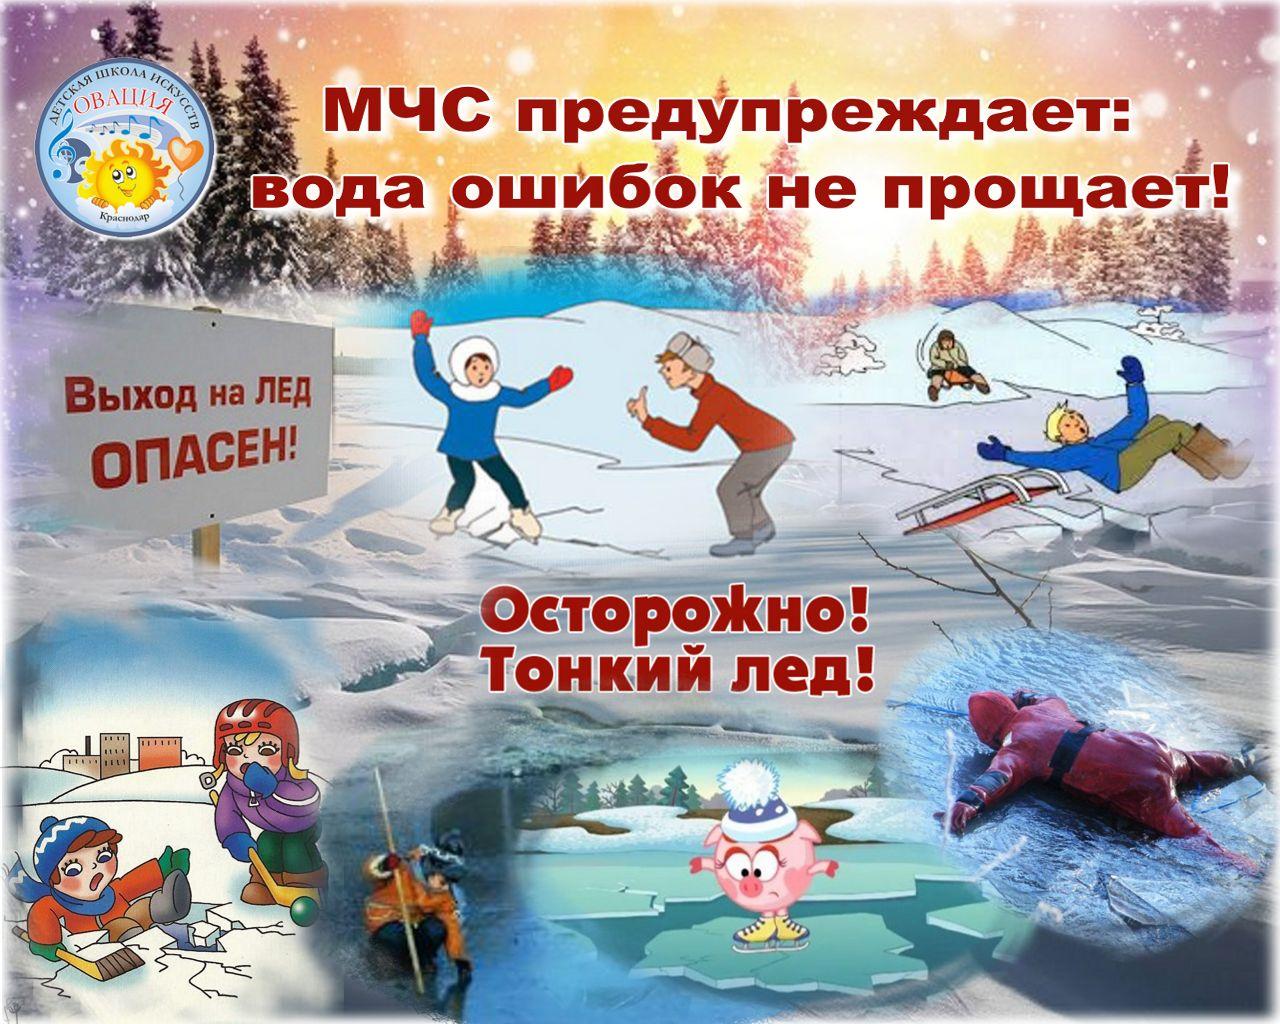 https://sh11kansk.ucoz.ru/papka2/2019-1/gotovyj_plakat1.jpg